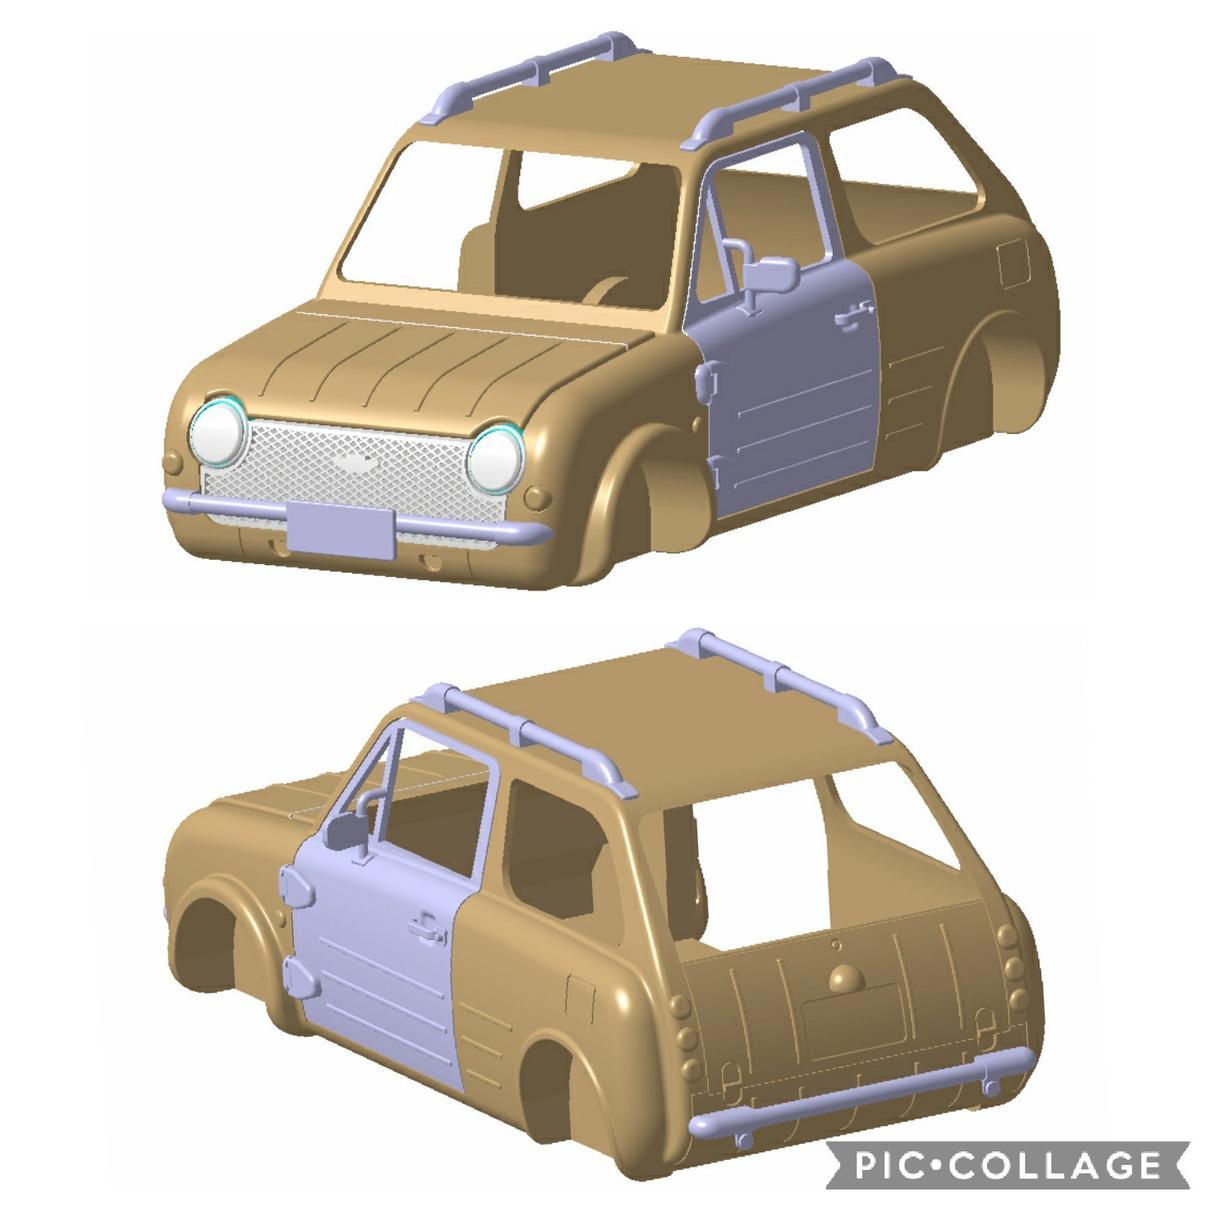 3Dデータ作成、部品設計、図面作成します 車、バイク、切削部品、アクセサリー、3Dプリント、3D曲面 イメージ1